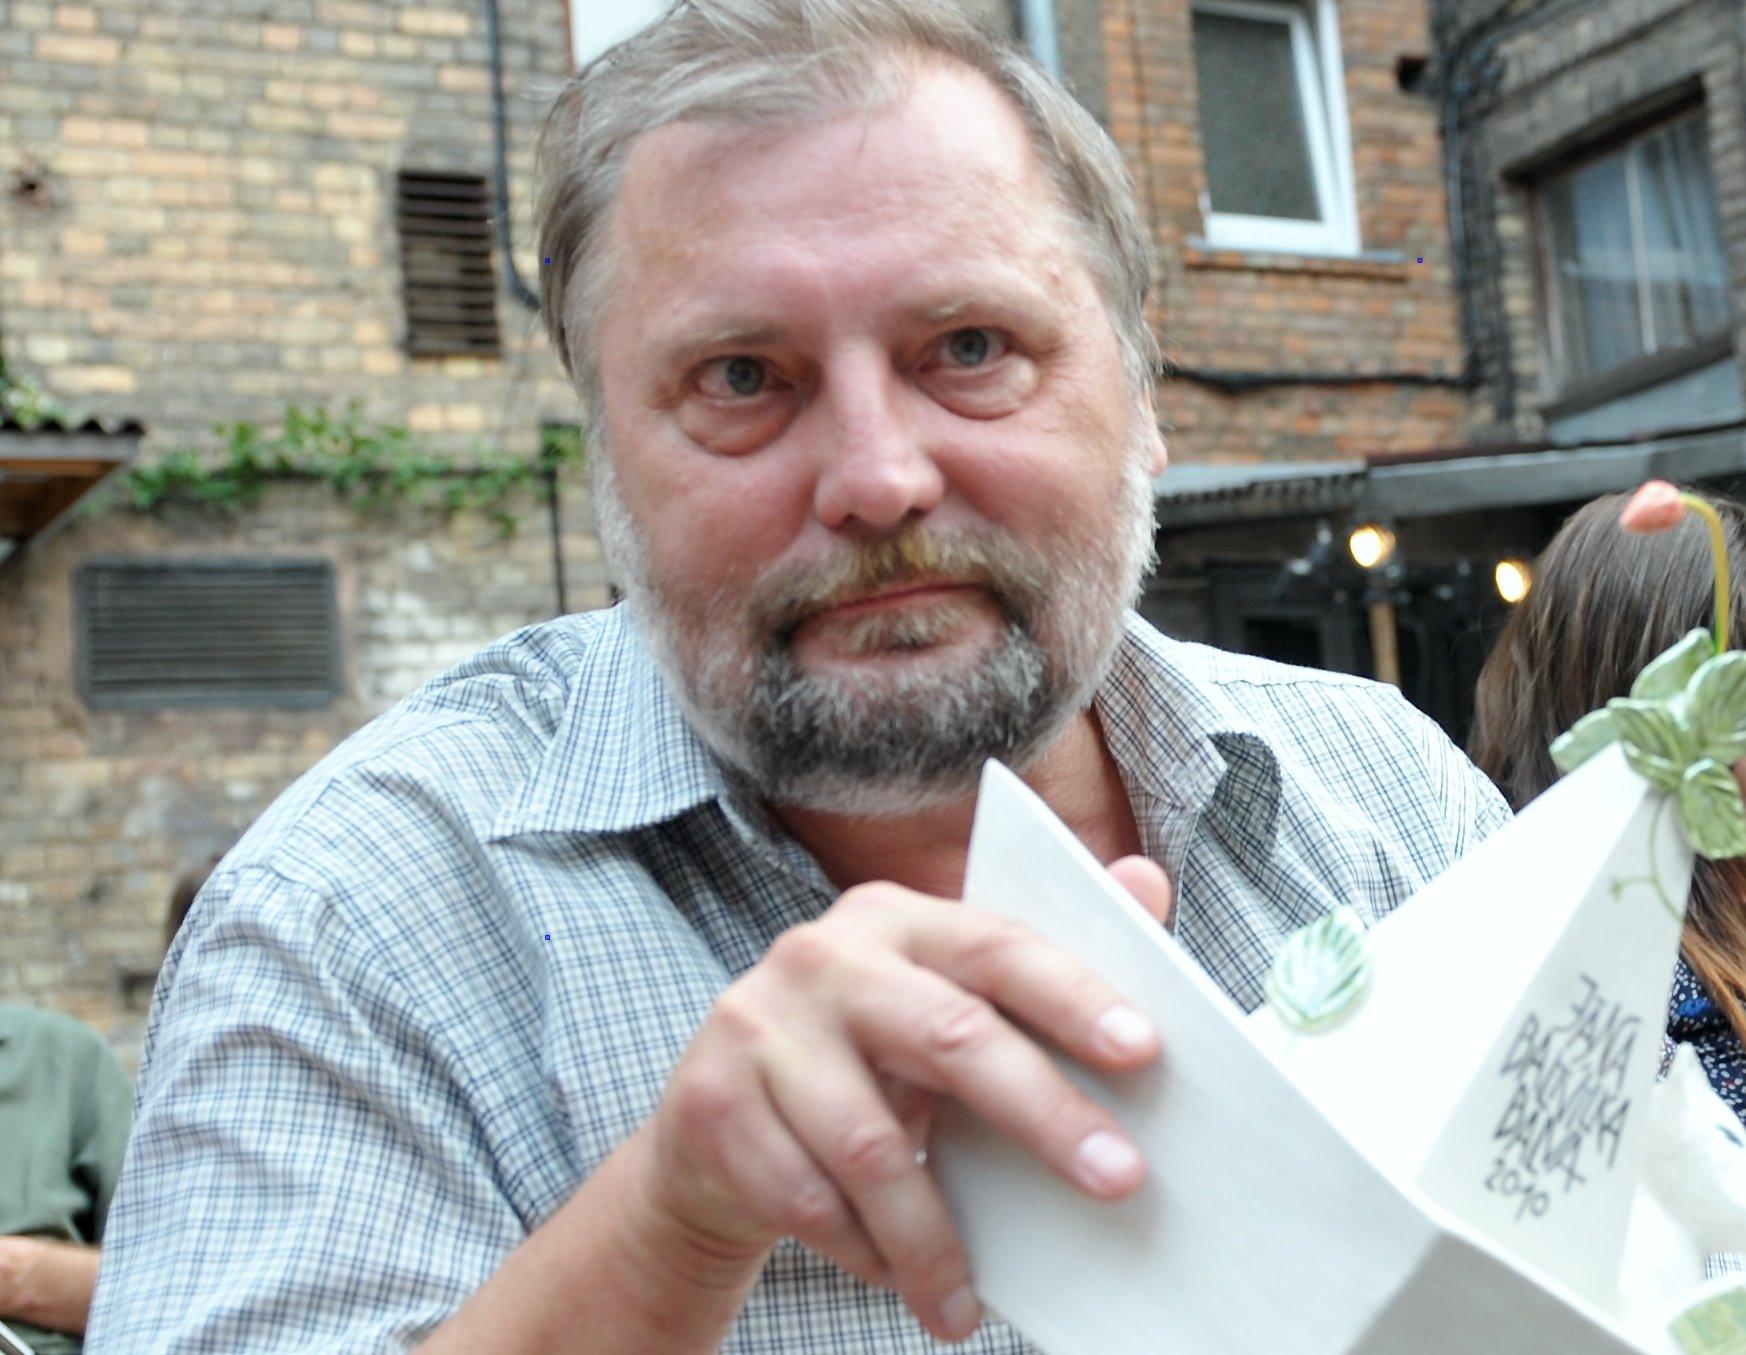 Pēters Brūveris ar Jāņa Baltvilka balvu 2010. gadā.